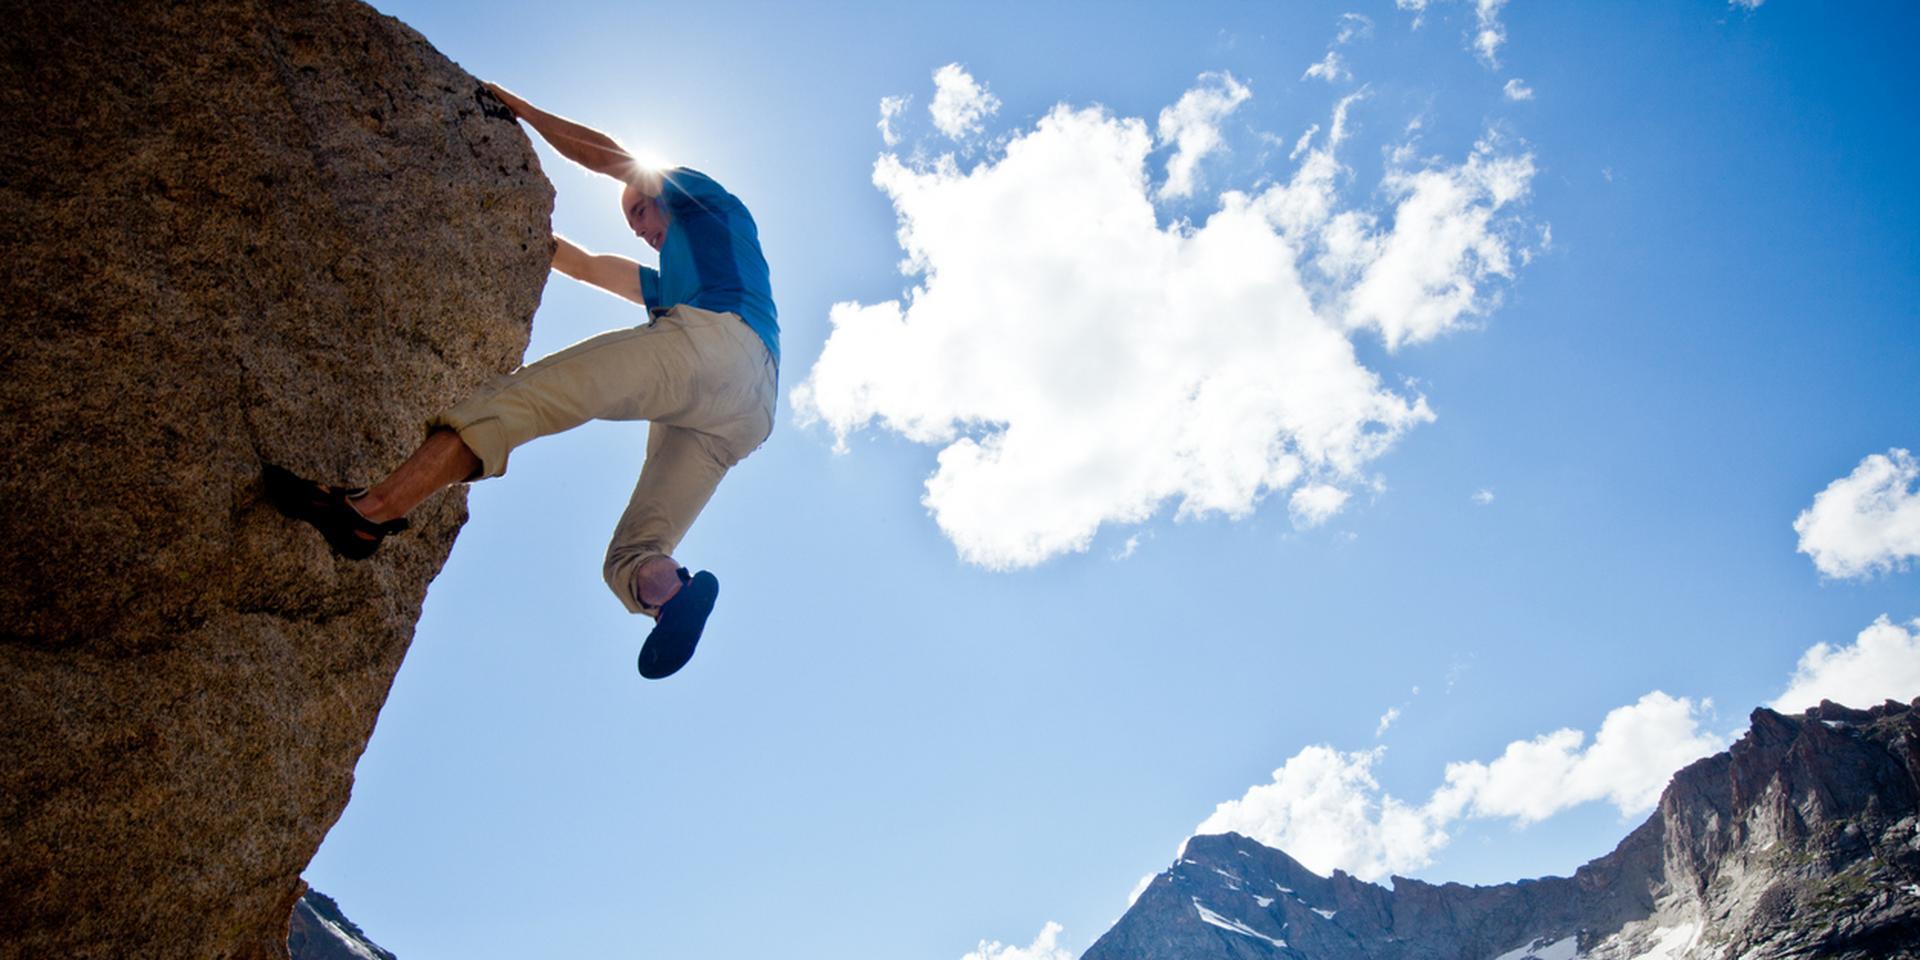 Ein Boulderer klettert ein Boulderproblem hinauf und im Hintergrund ist ein Bergpanorama